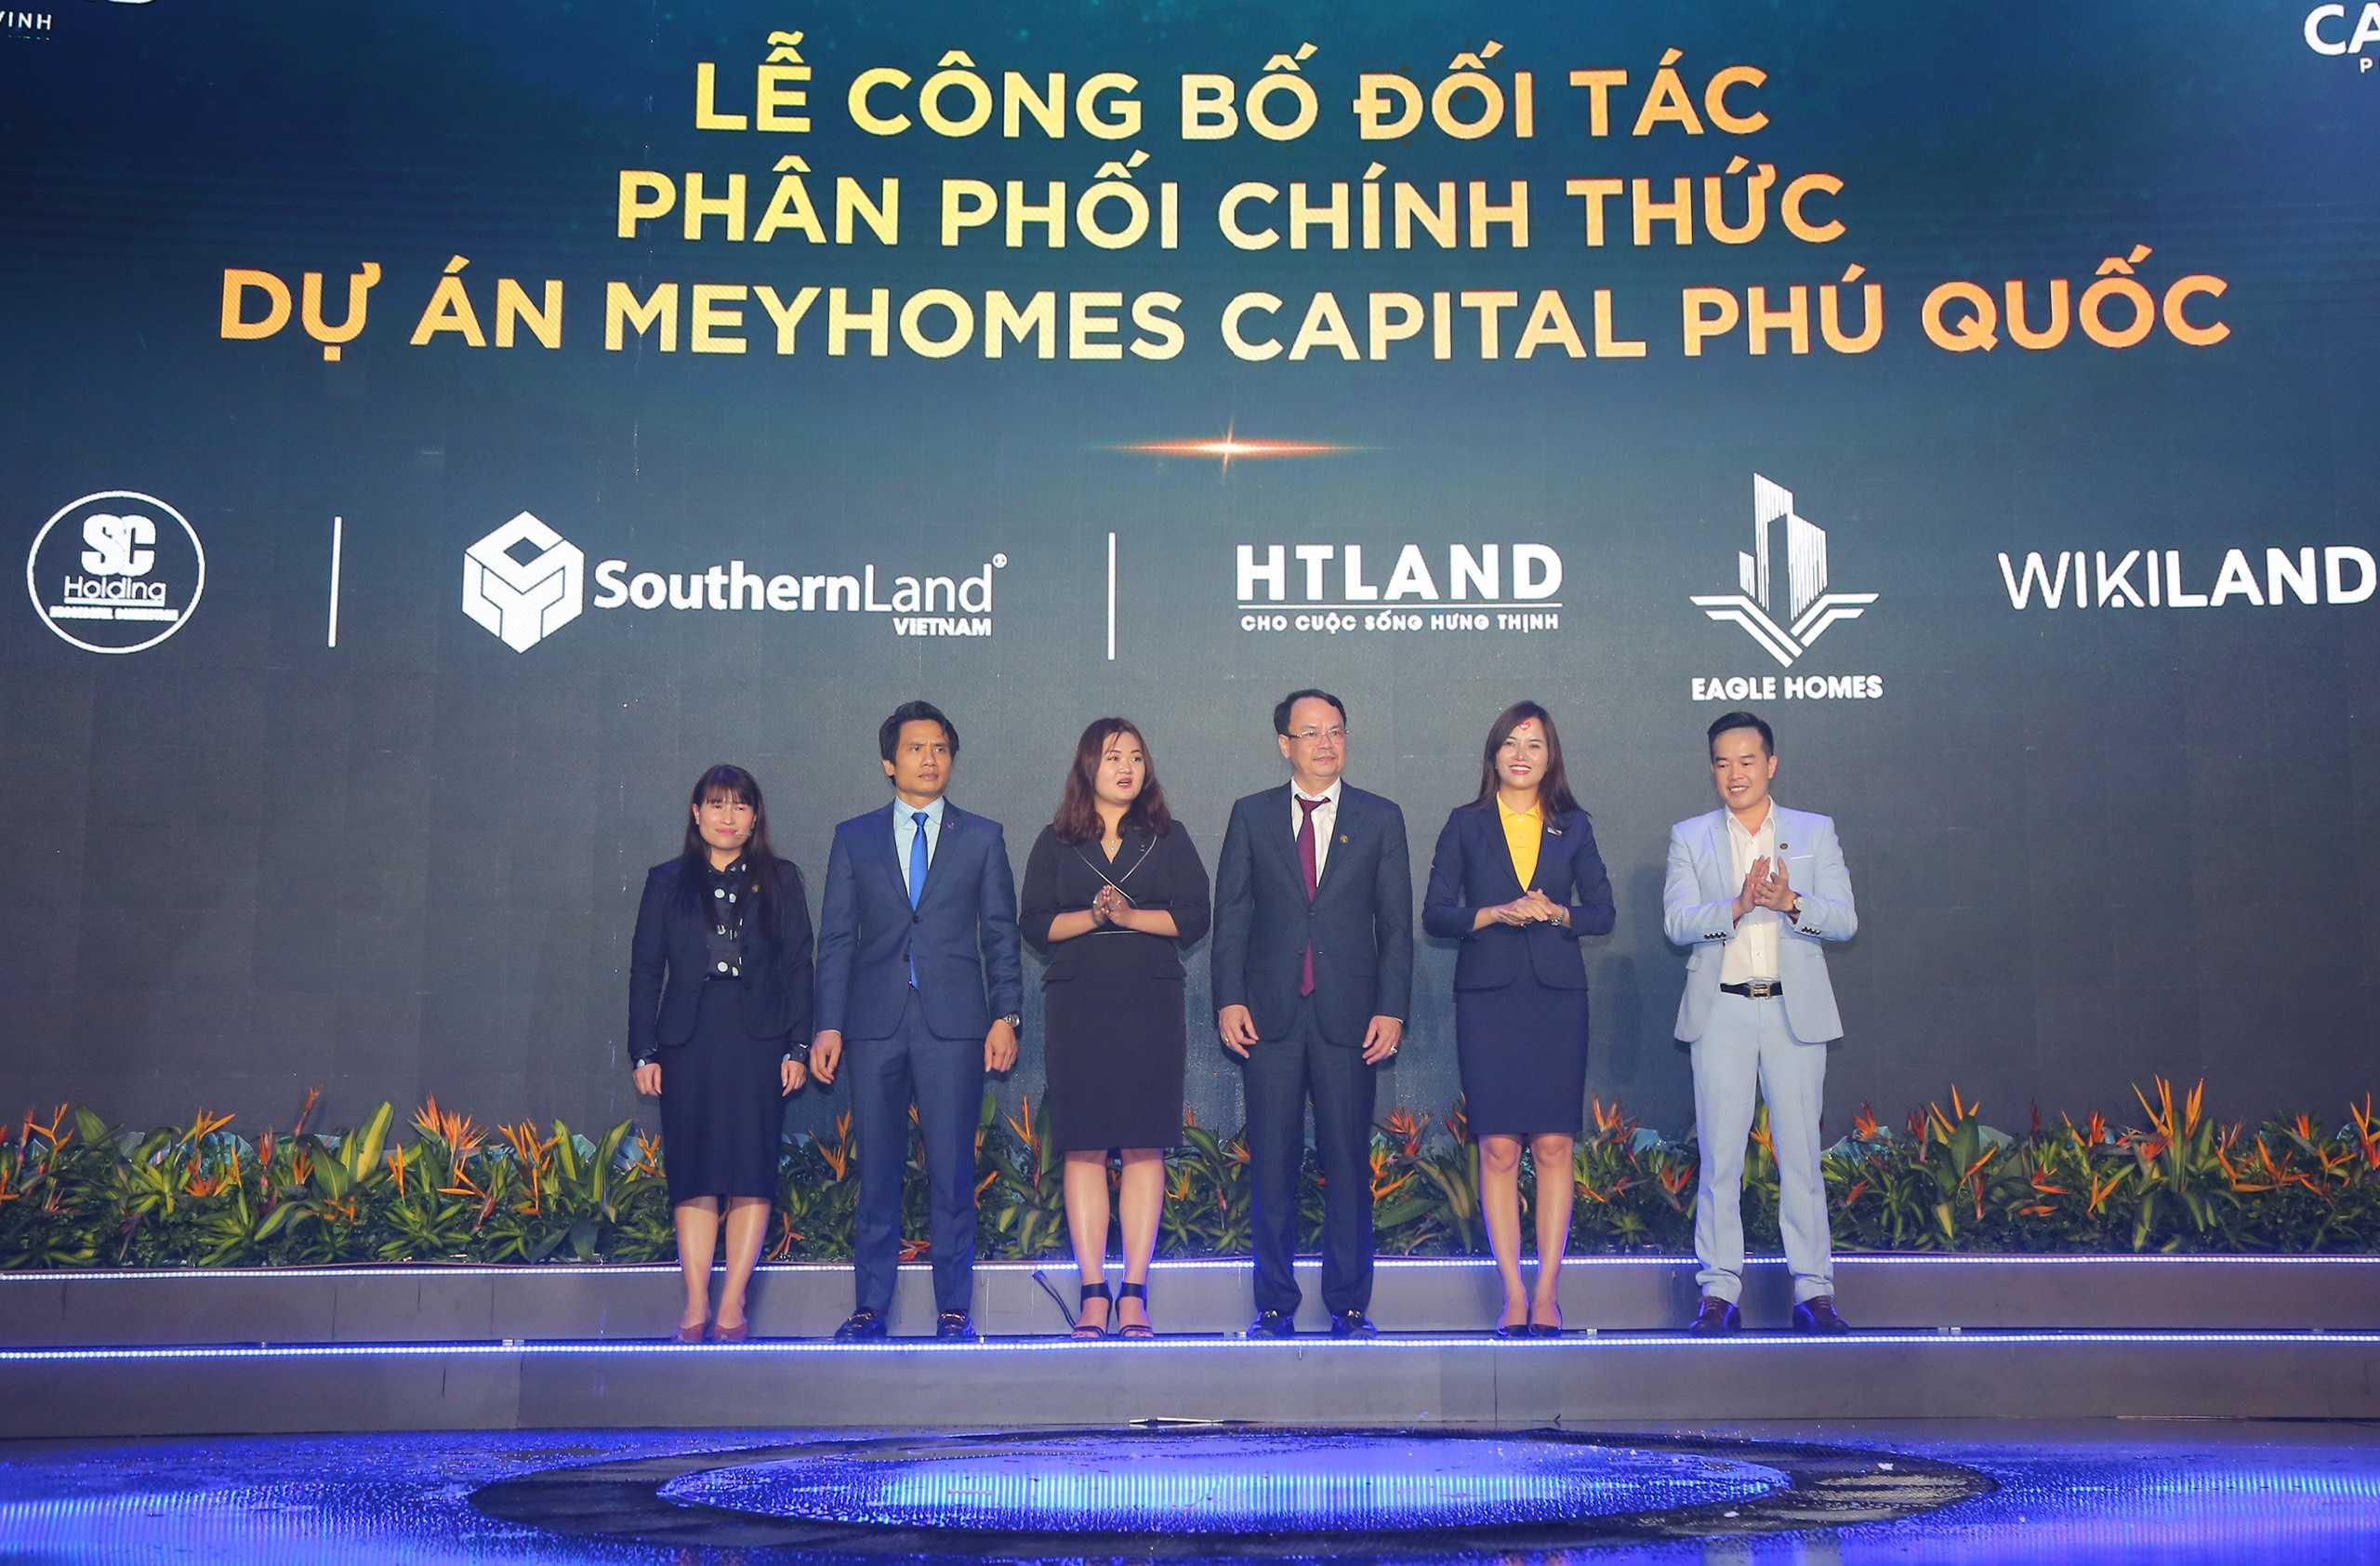 Chính thức công bố đại lý phân phối Meyhomes Capital Phú Quốc